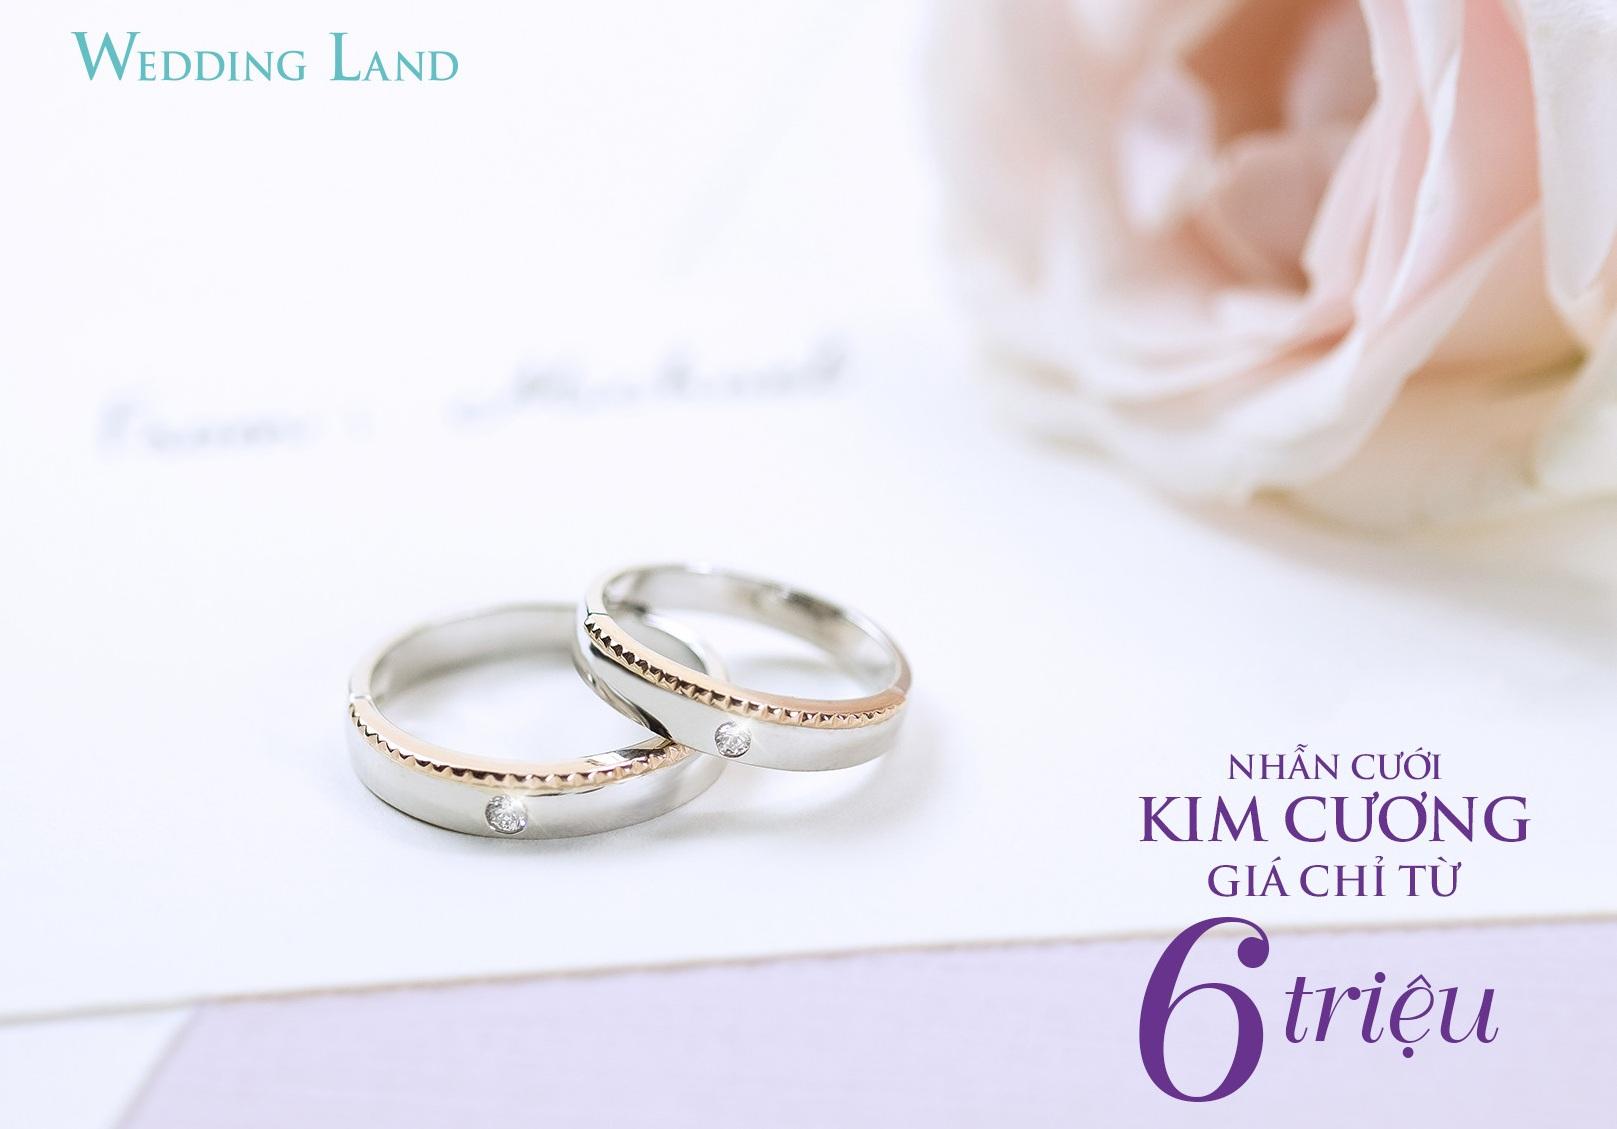 """Cận cảnh nhẫn cưới kim cương giá 6 triệu đồng """"hot"""" nhất thị trường"""